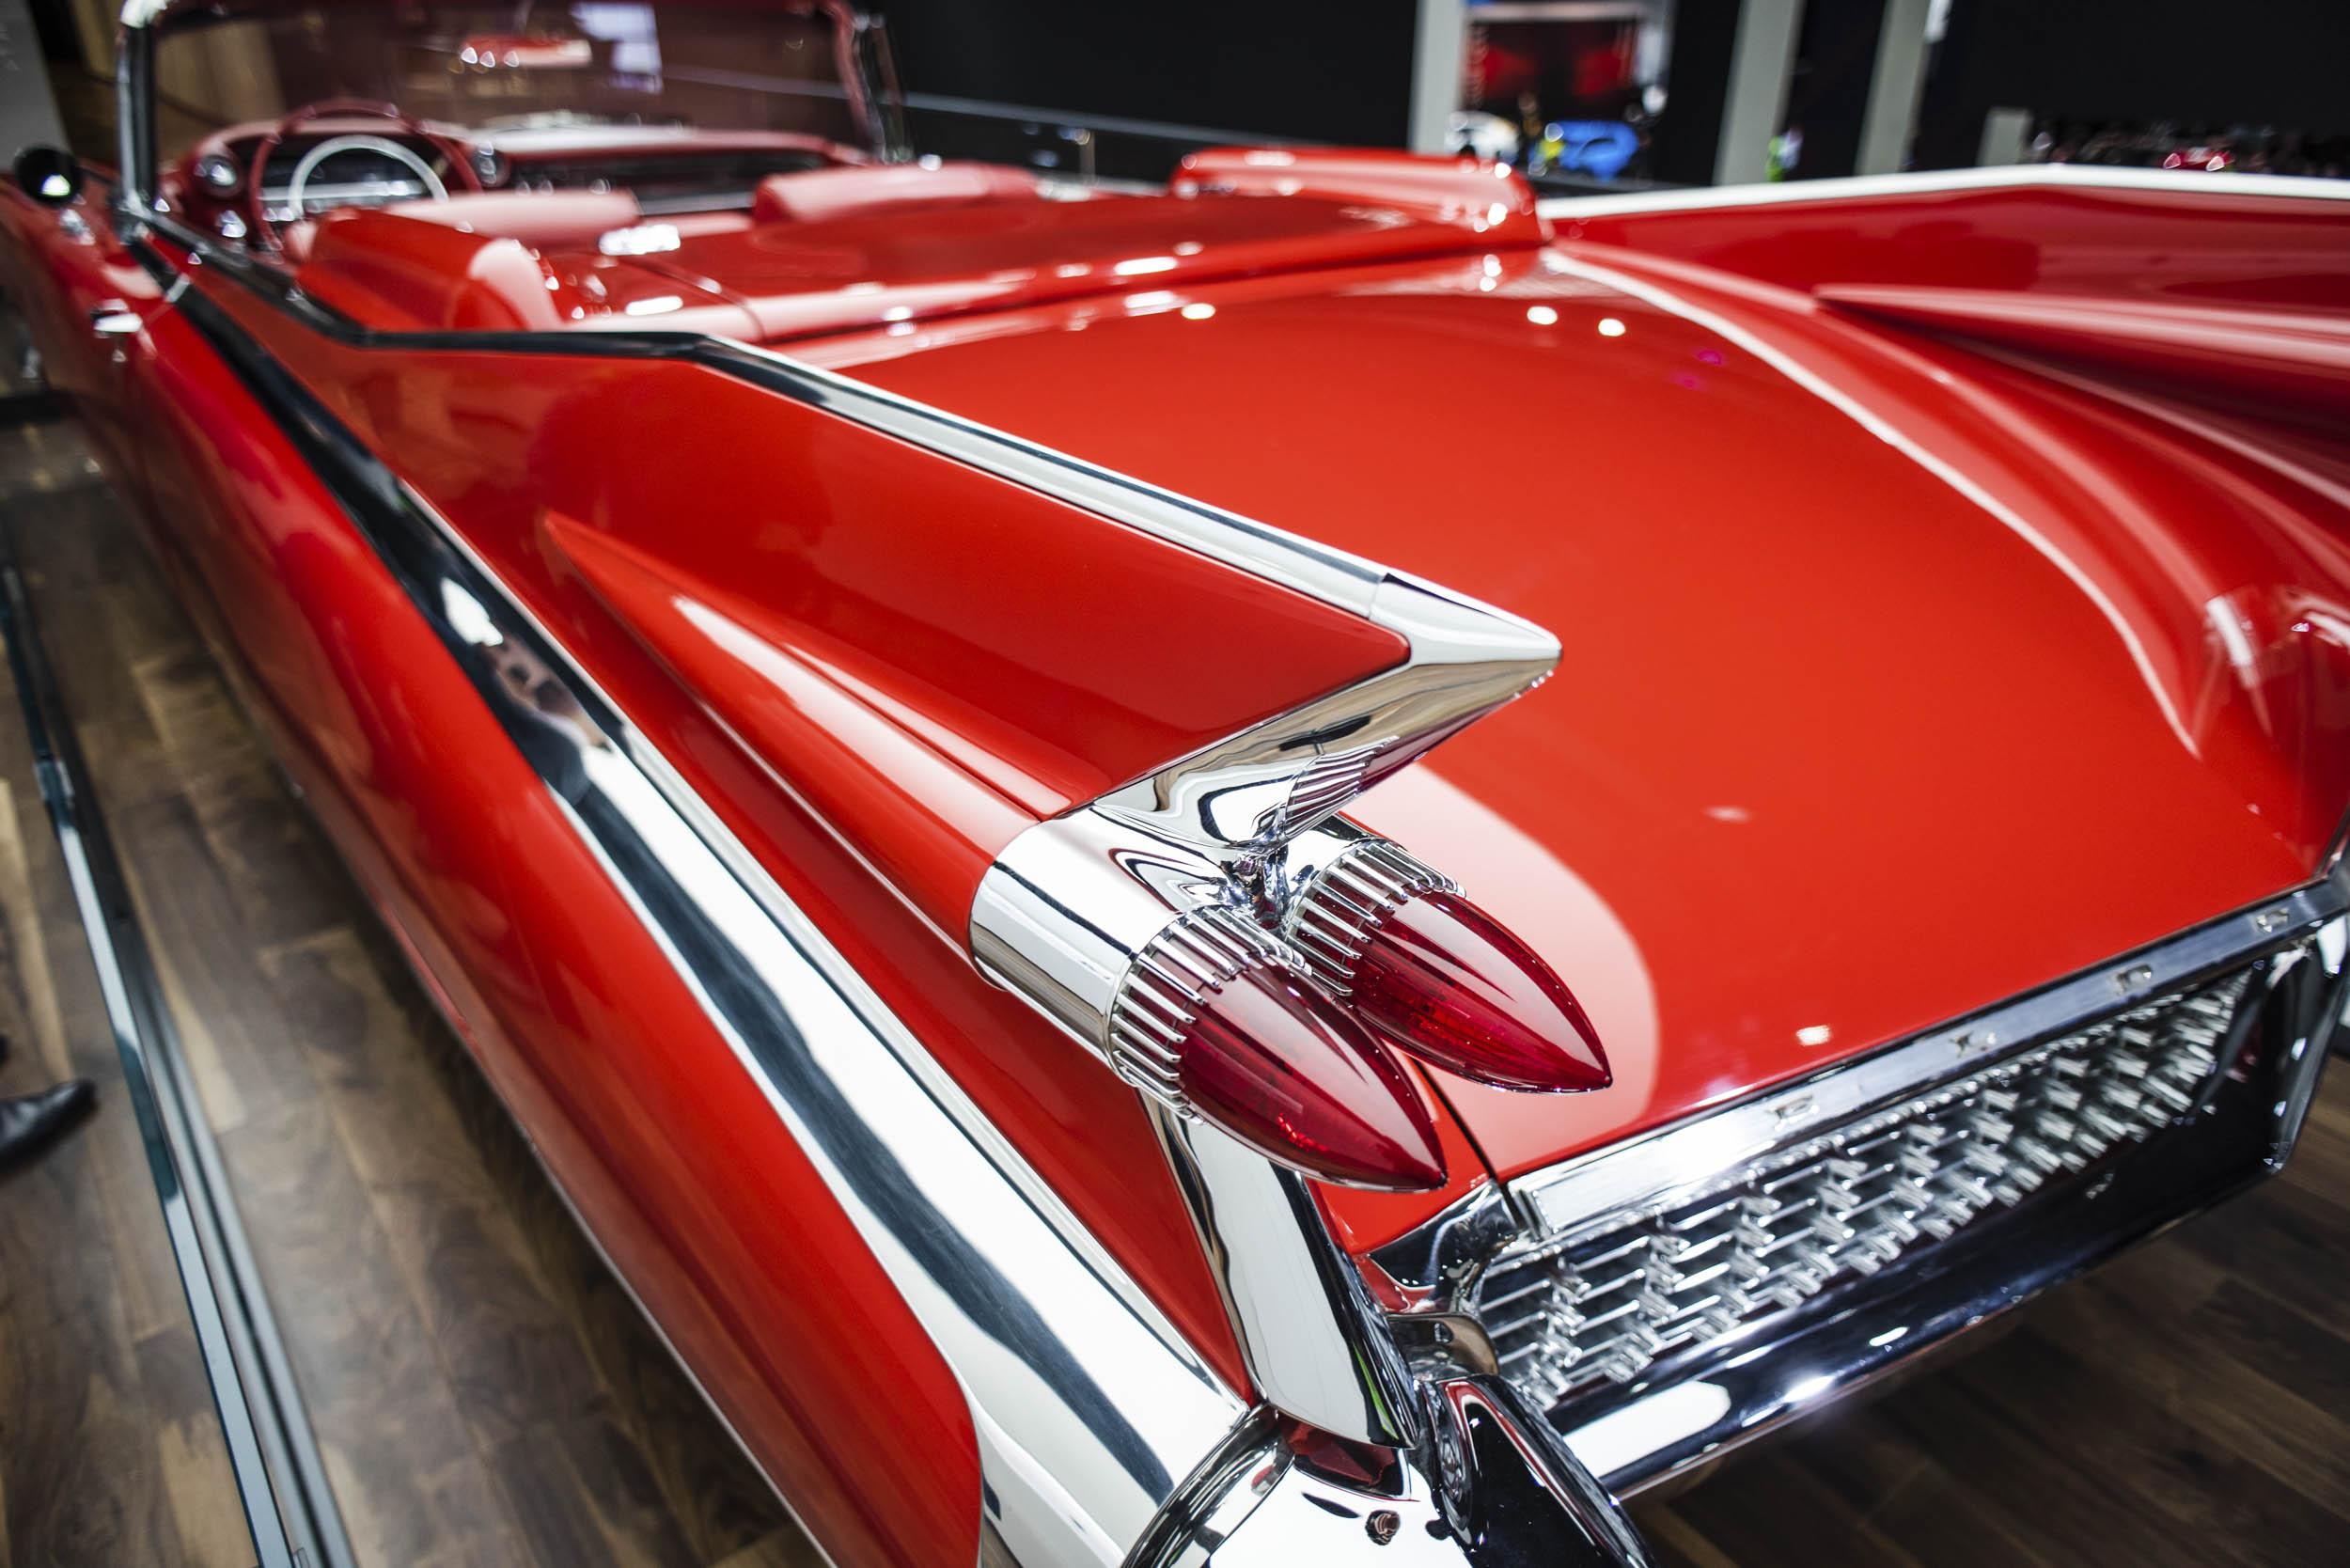 1959 Cadillac Eldorado tail light detail